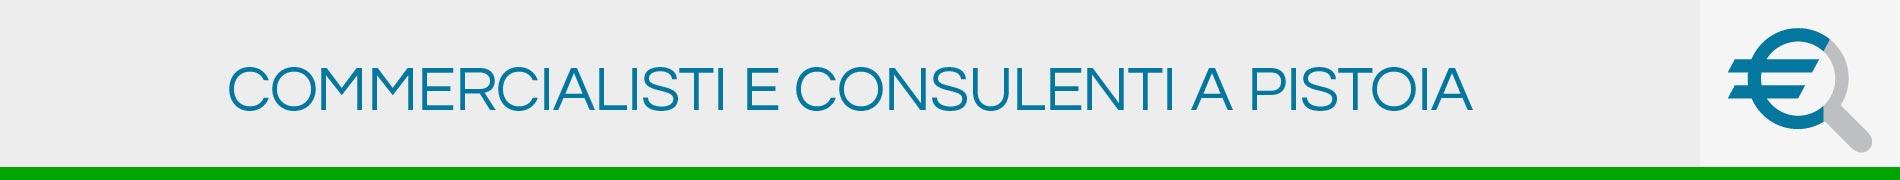 Commercialisti e Consulenti a Pistoia